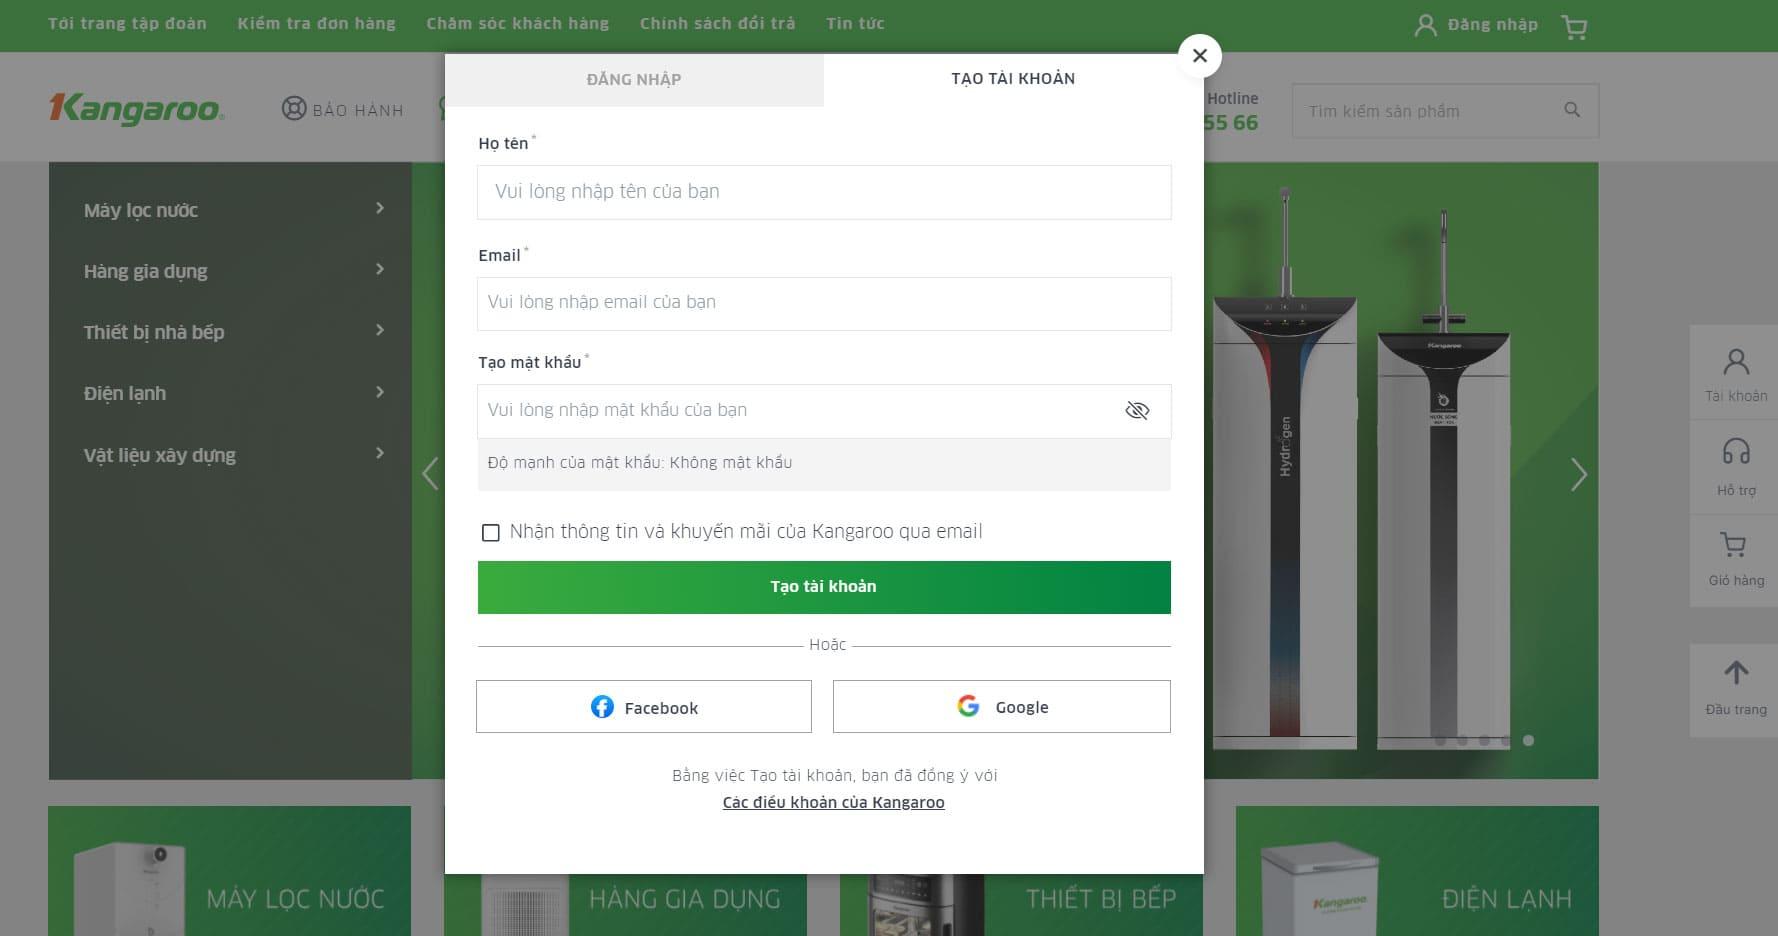 Tặng voucher 500K cùng triệu ưu đãi cho tài khoản đăng ký mới